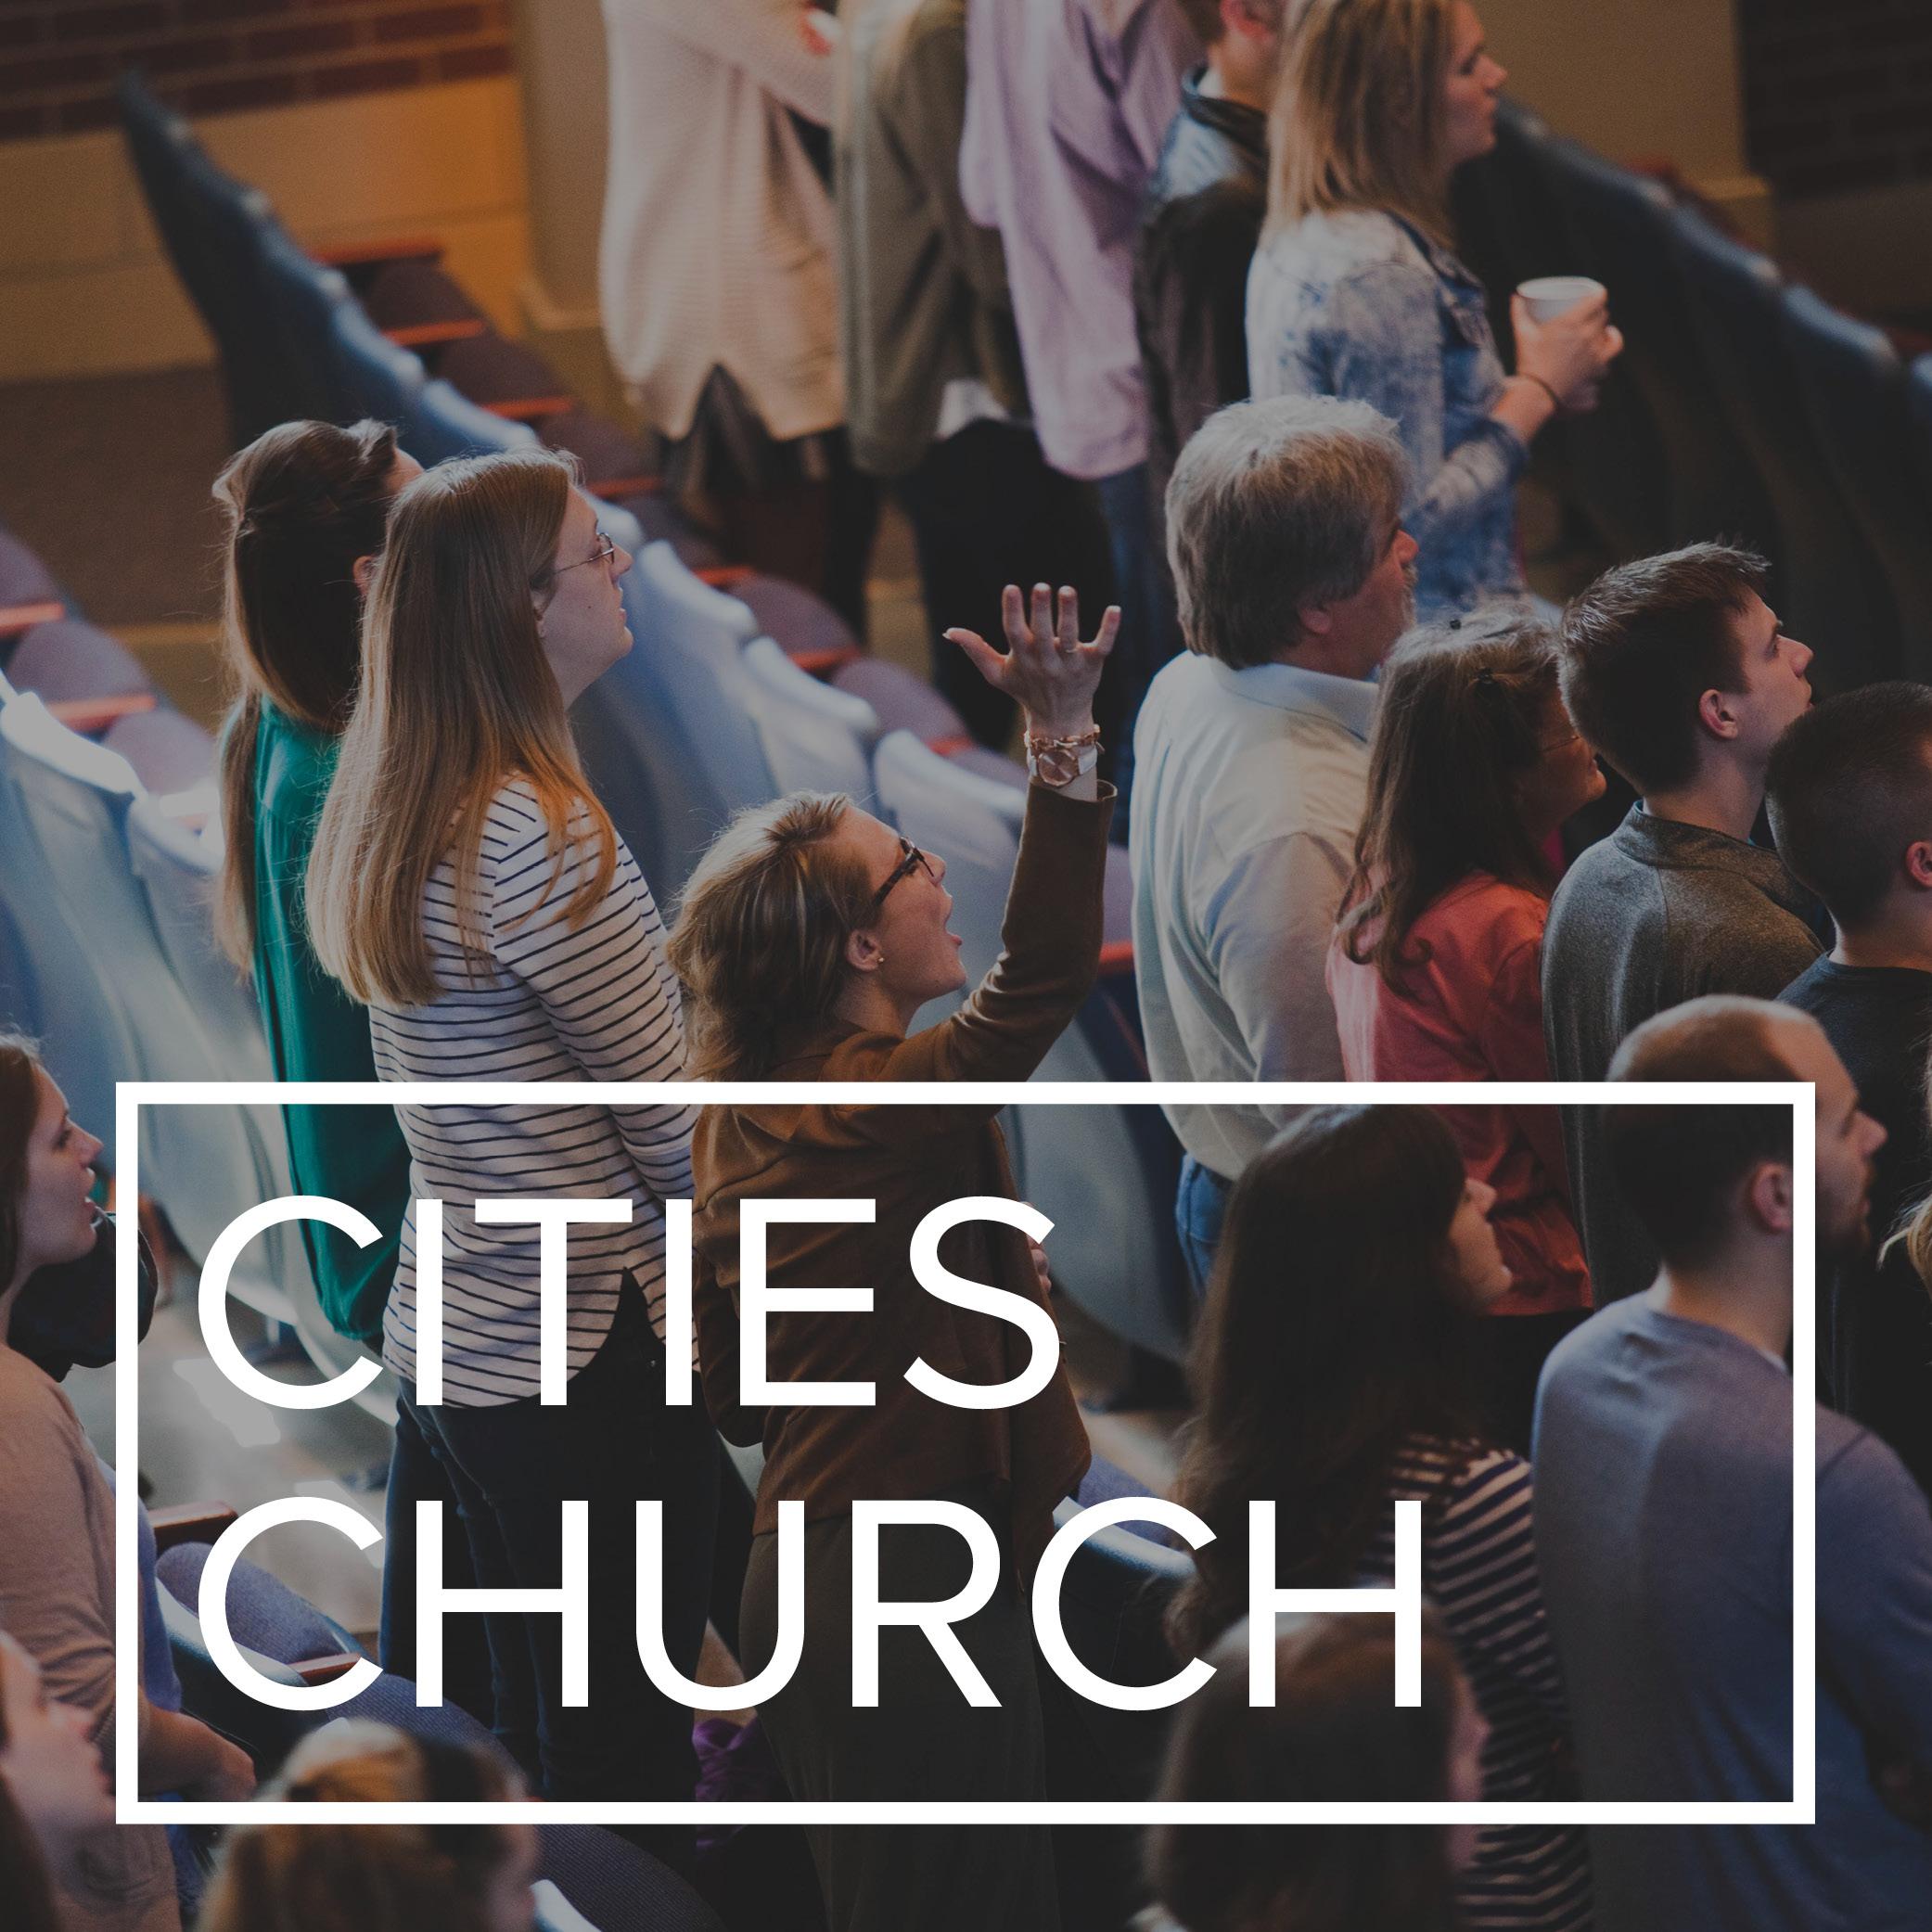 CitiesChurch.jpg